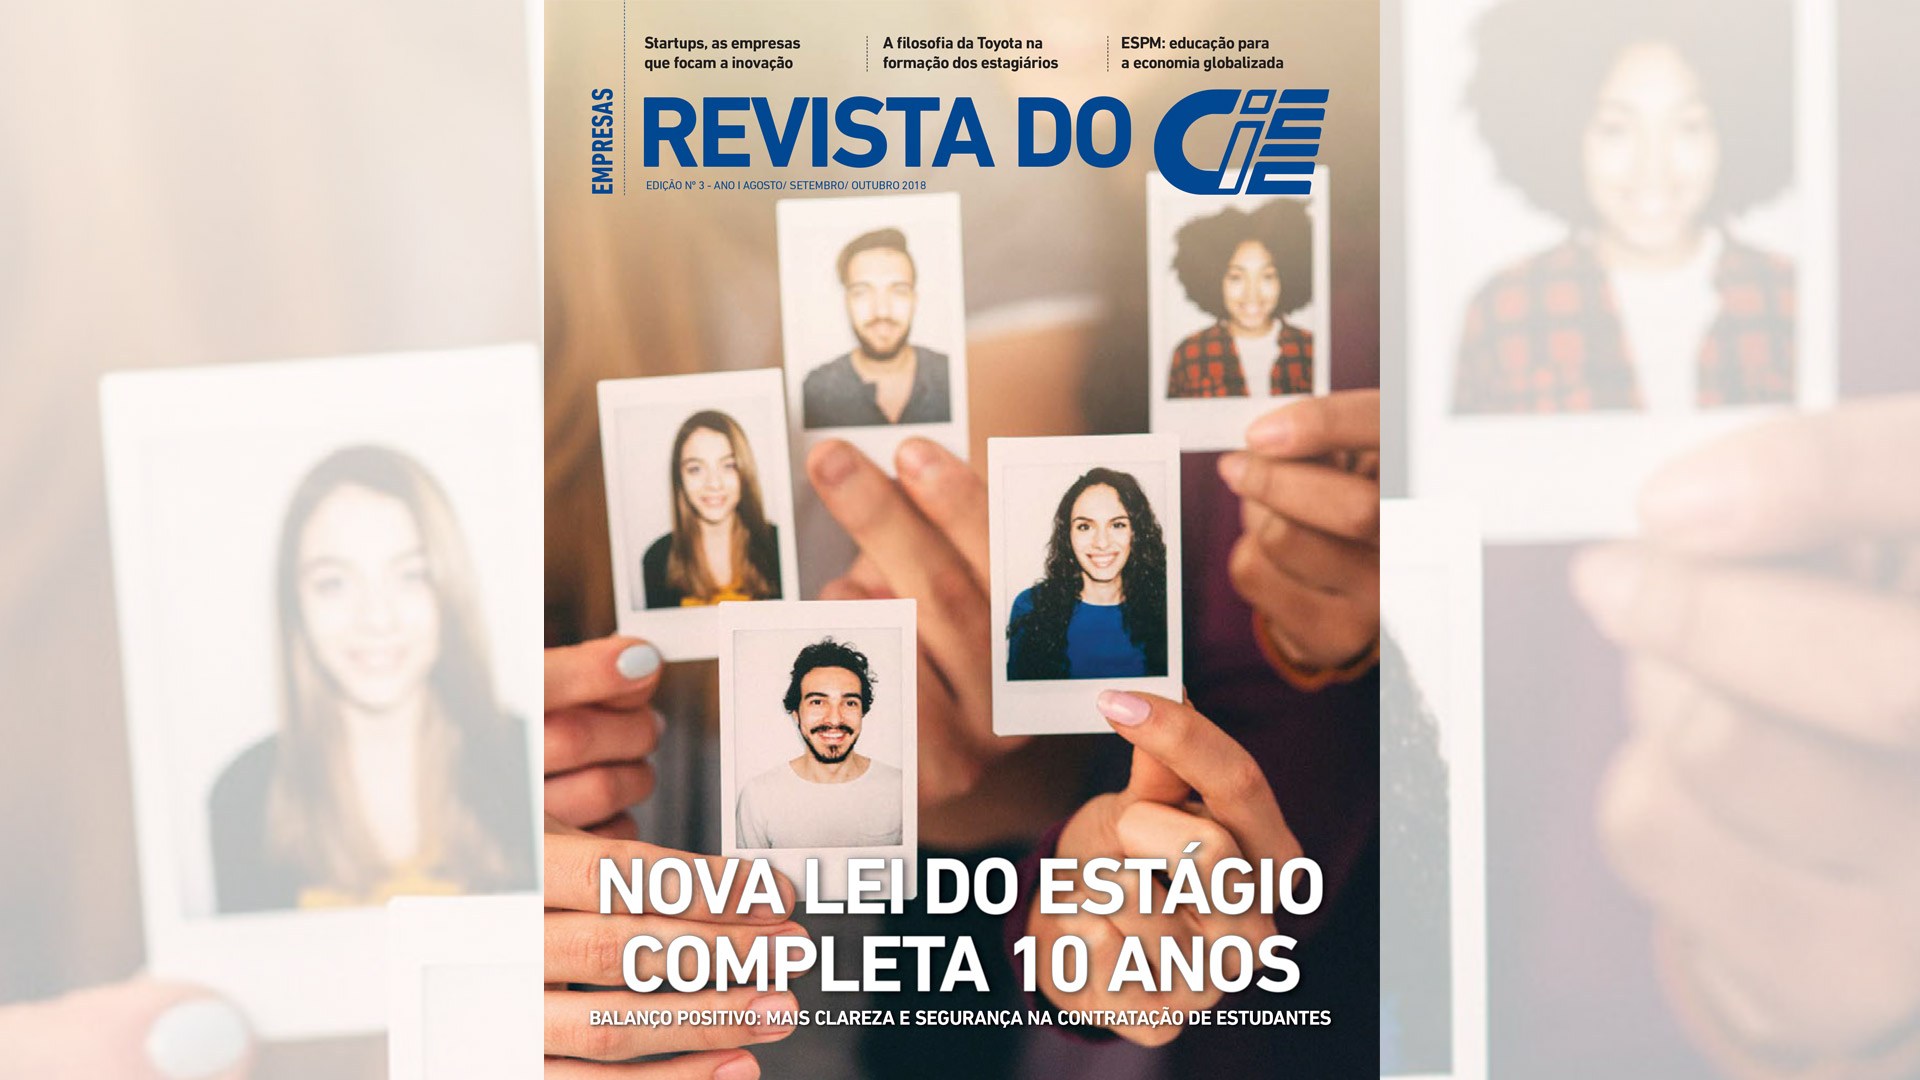 Revista CIEE Empresas Edição 3